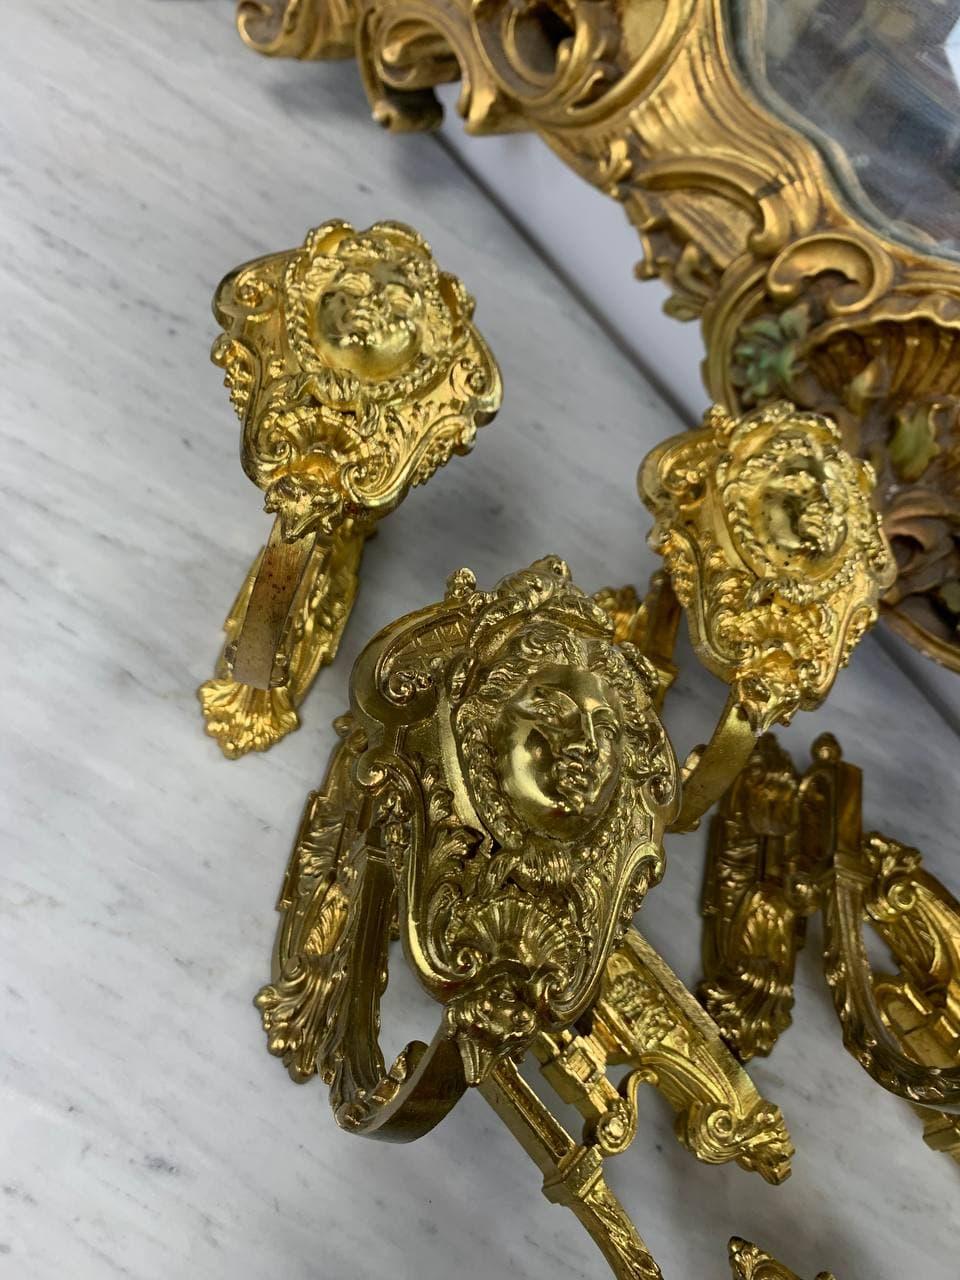 Антикварные держатели для штор в стиле Ренессанс